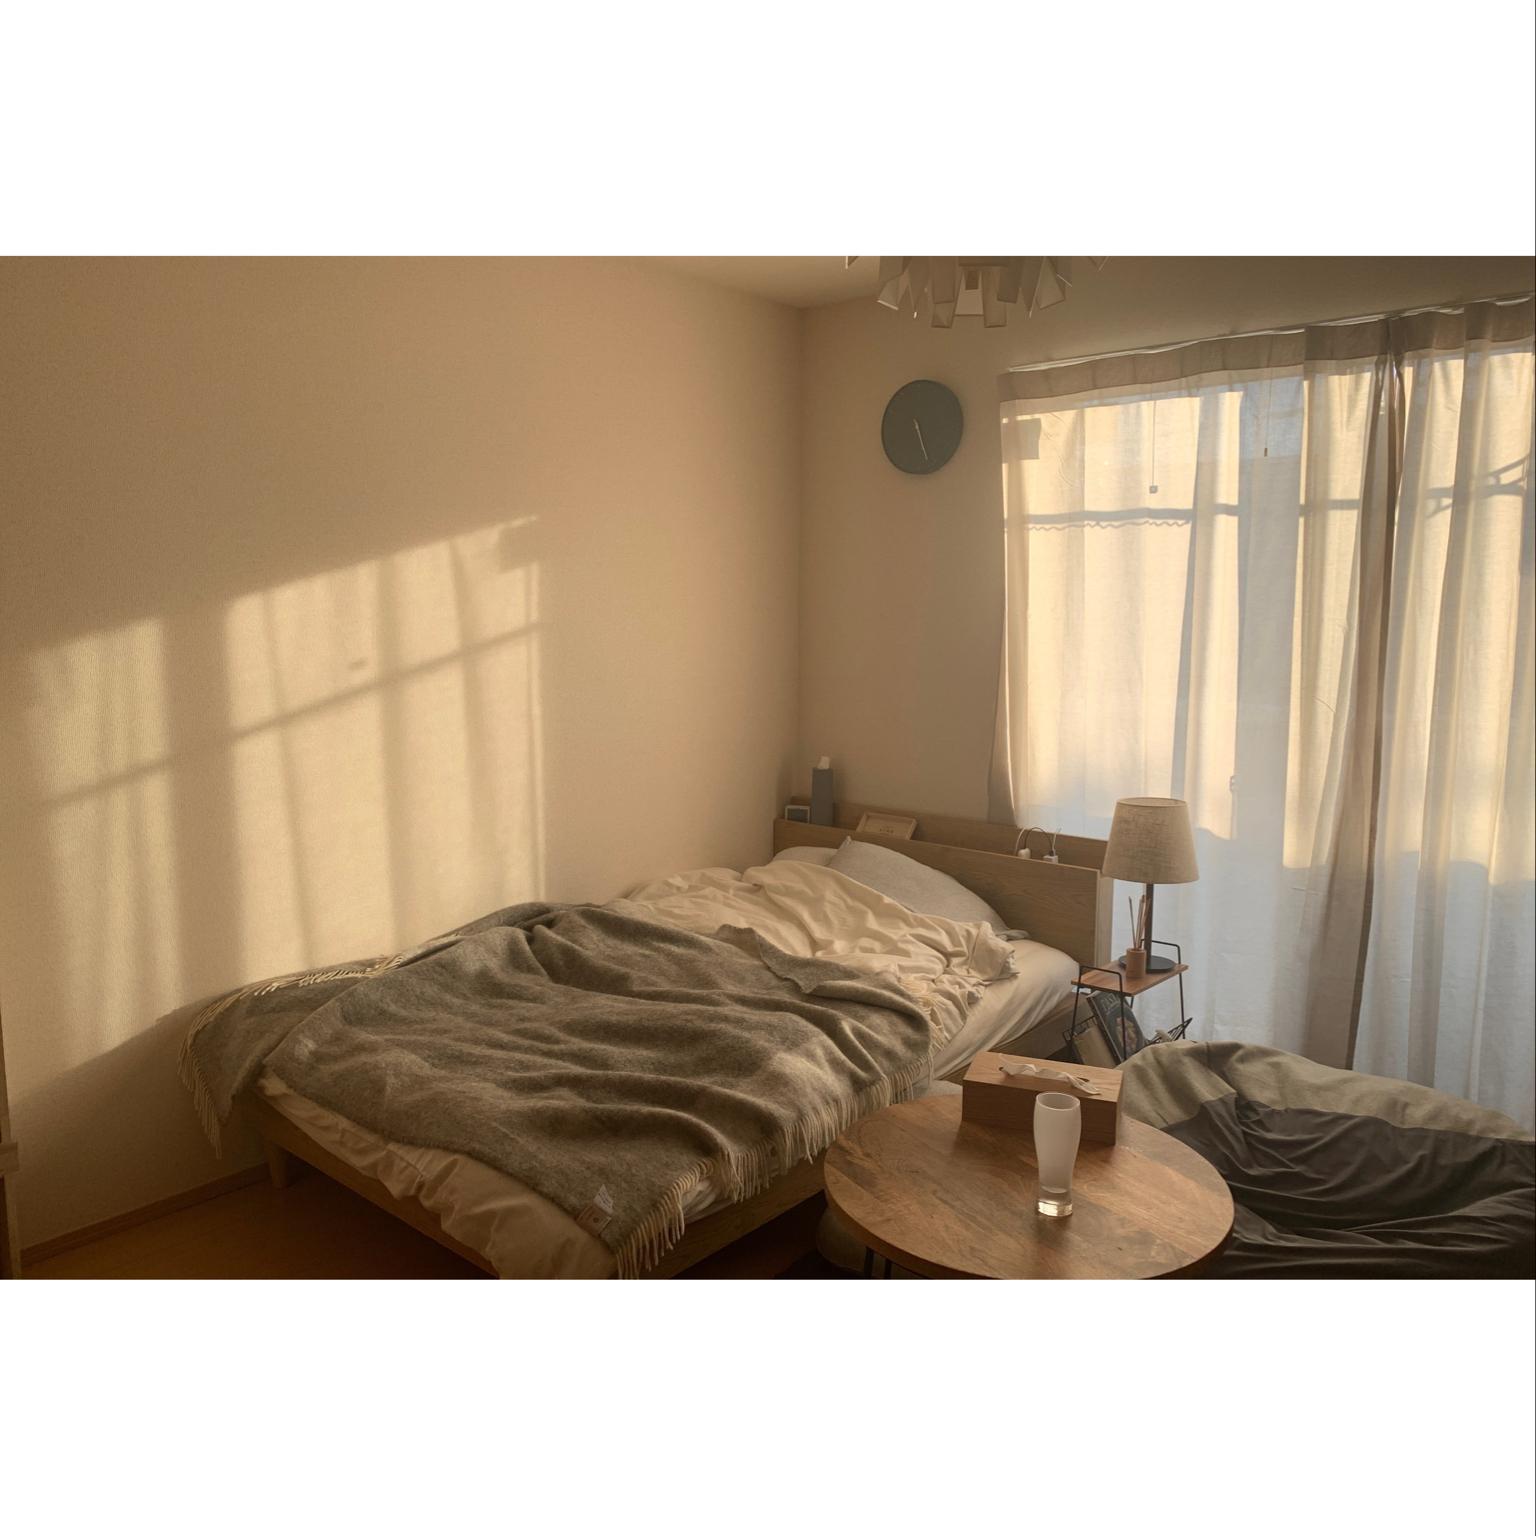 ローテーブル/サイドテーブル/壁掛け時計/ベッドルーム/間接照明...などのインテリア実例 - 2021-04-22 22:45:37